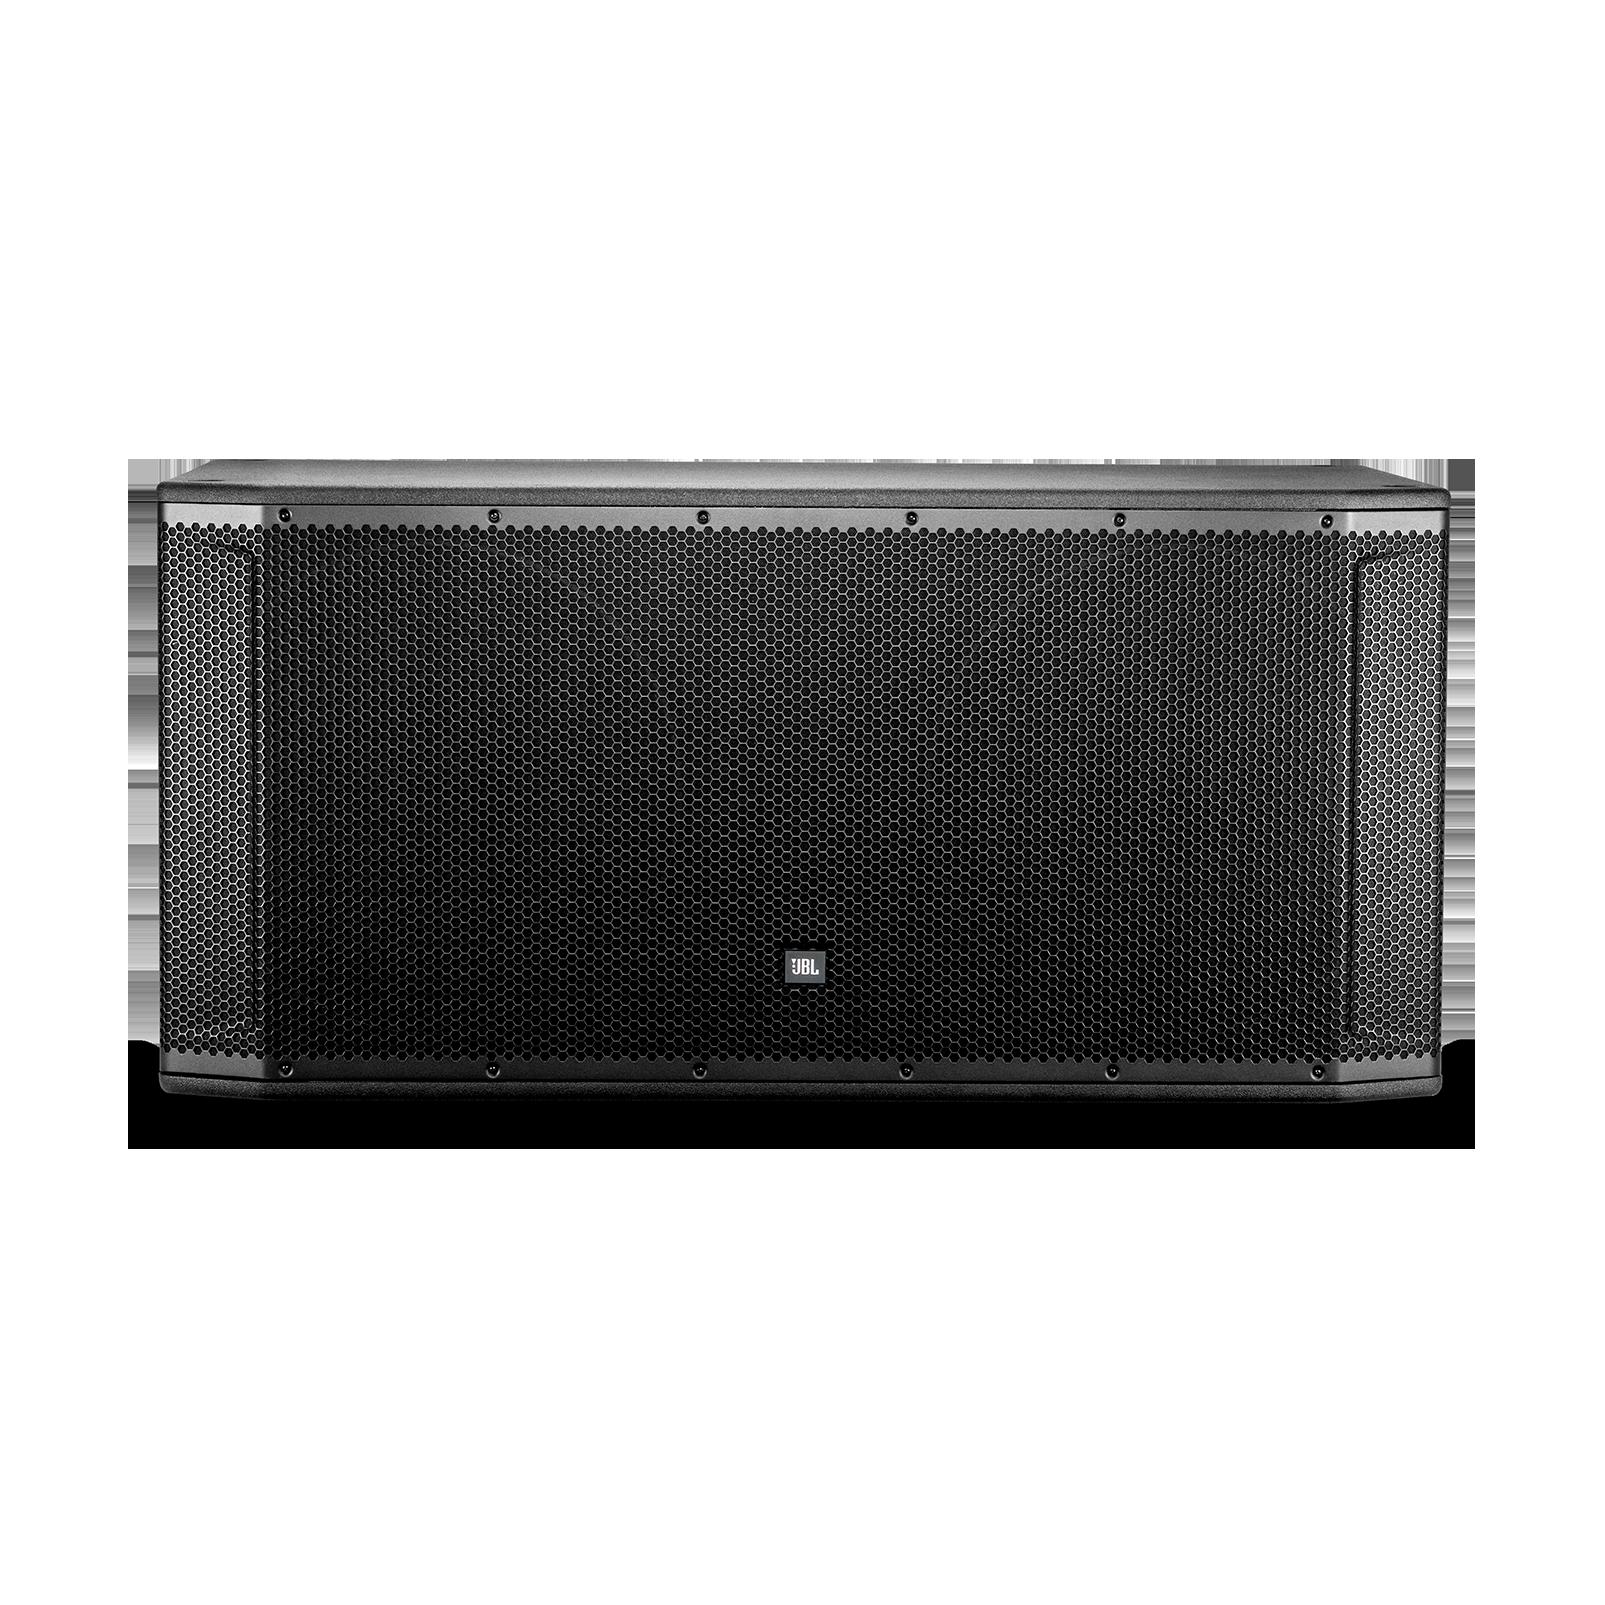 """JBL SRX828SP - Black - 18"""" Dual Self-Powered Subwoofer System - Front"""